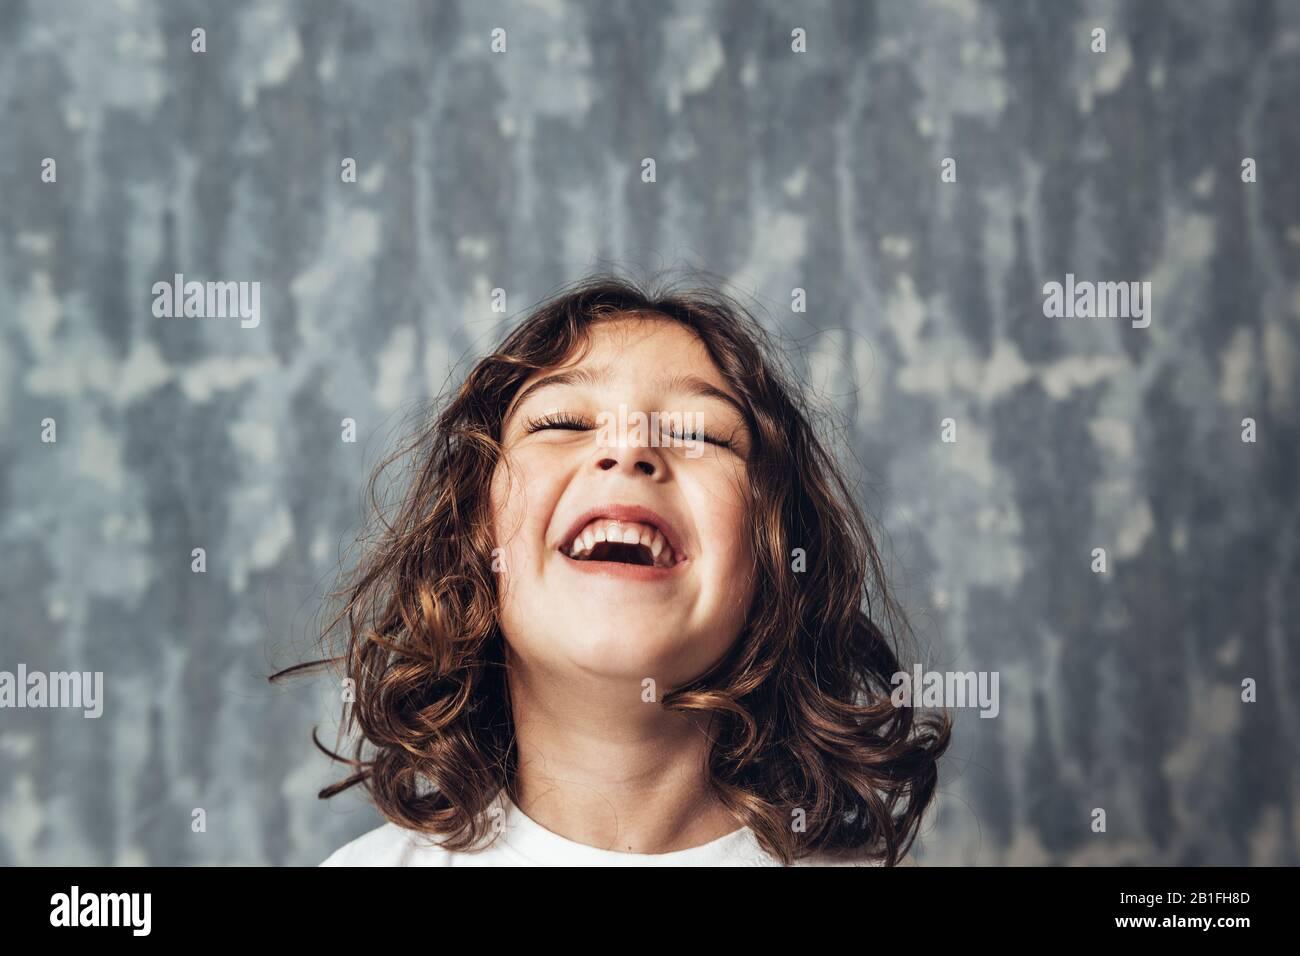 portrait d'une fillette heureuse riant sur un fond bleu, l'enfance heureuse et le concept de style de vie, copier l'espace pour le texte Banque D'Images